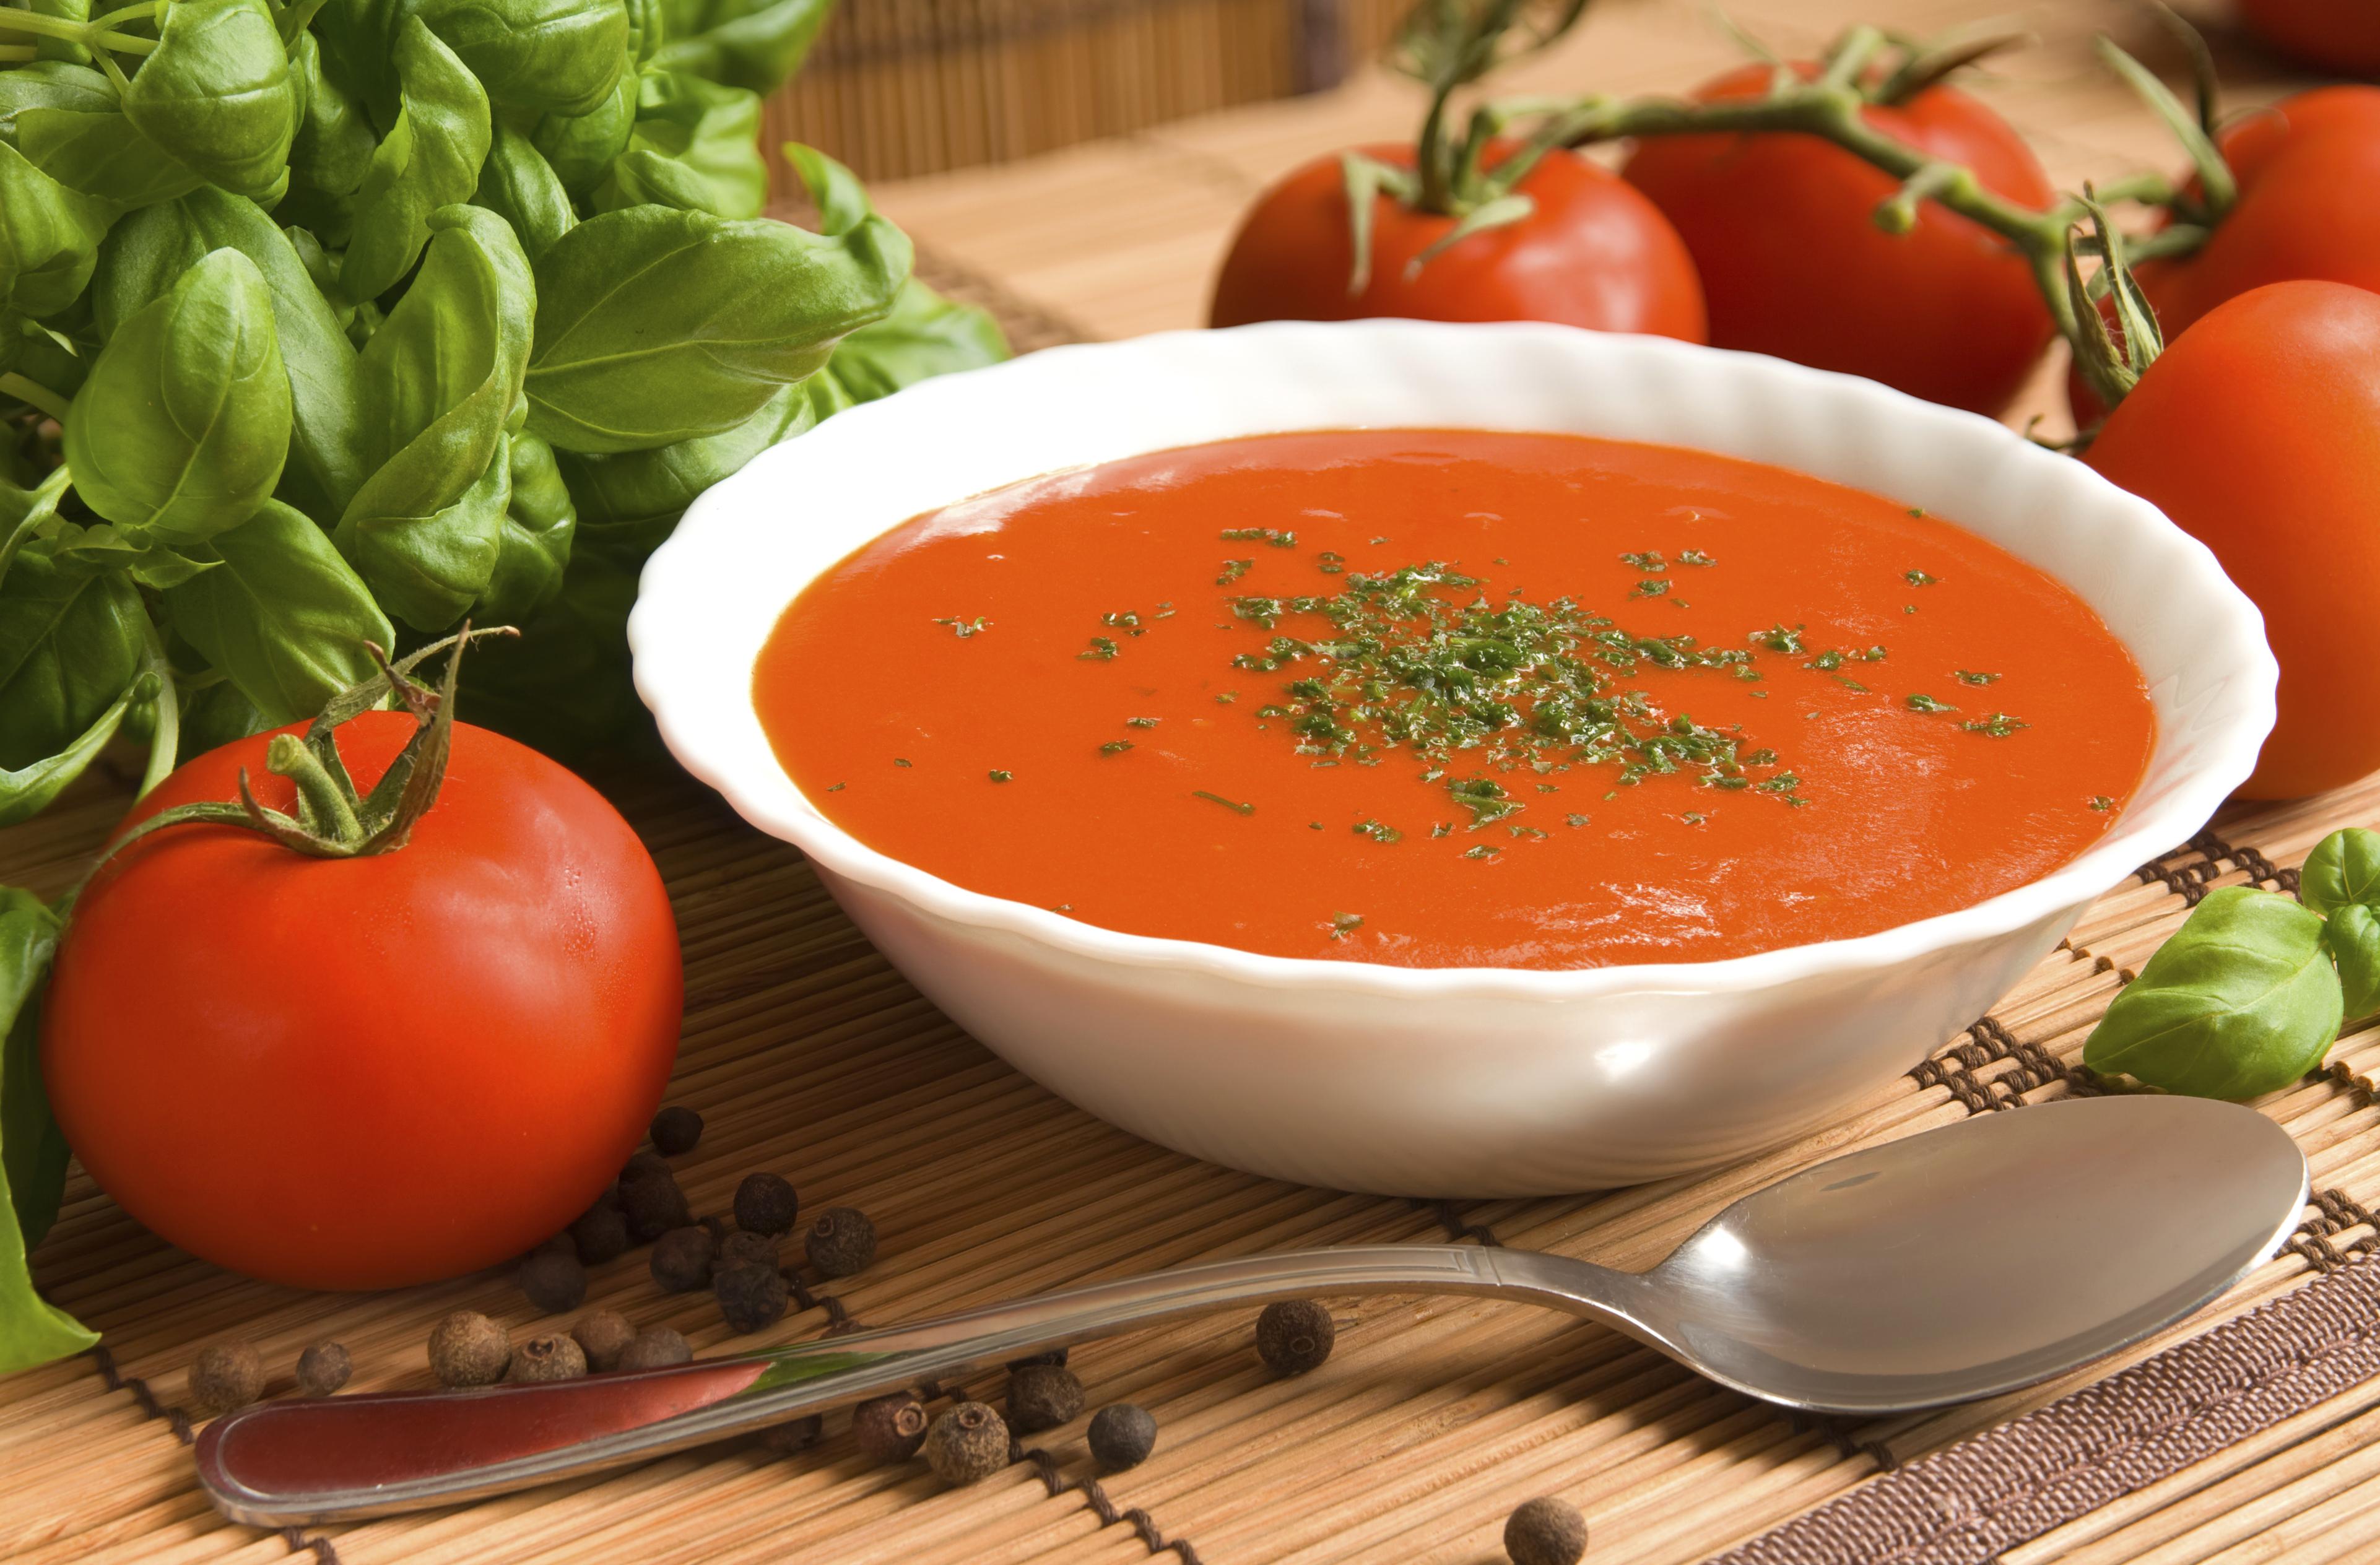 Sopa de tomate con albahaca